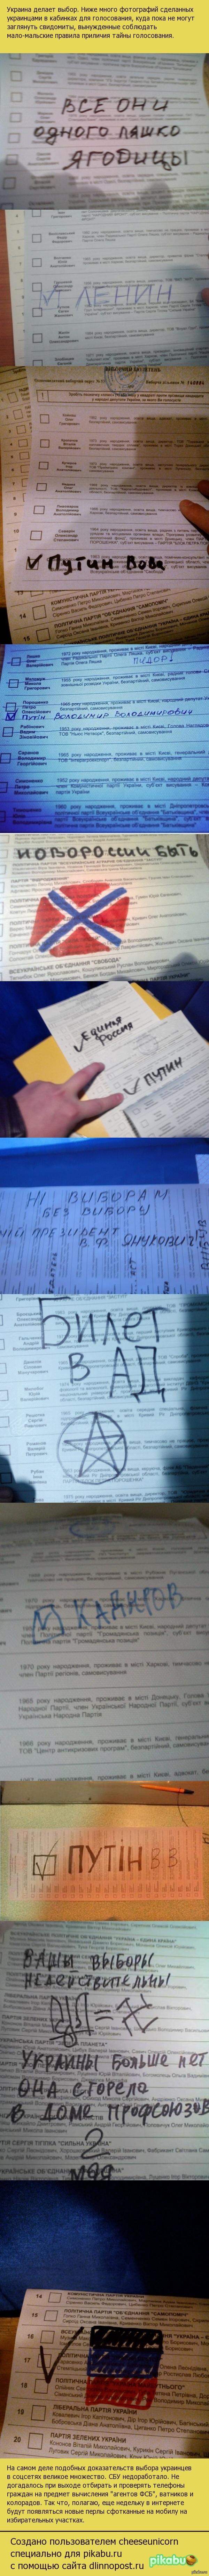 Как голосовала Украина